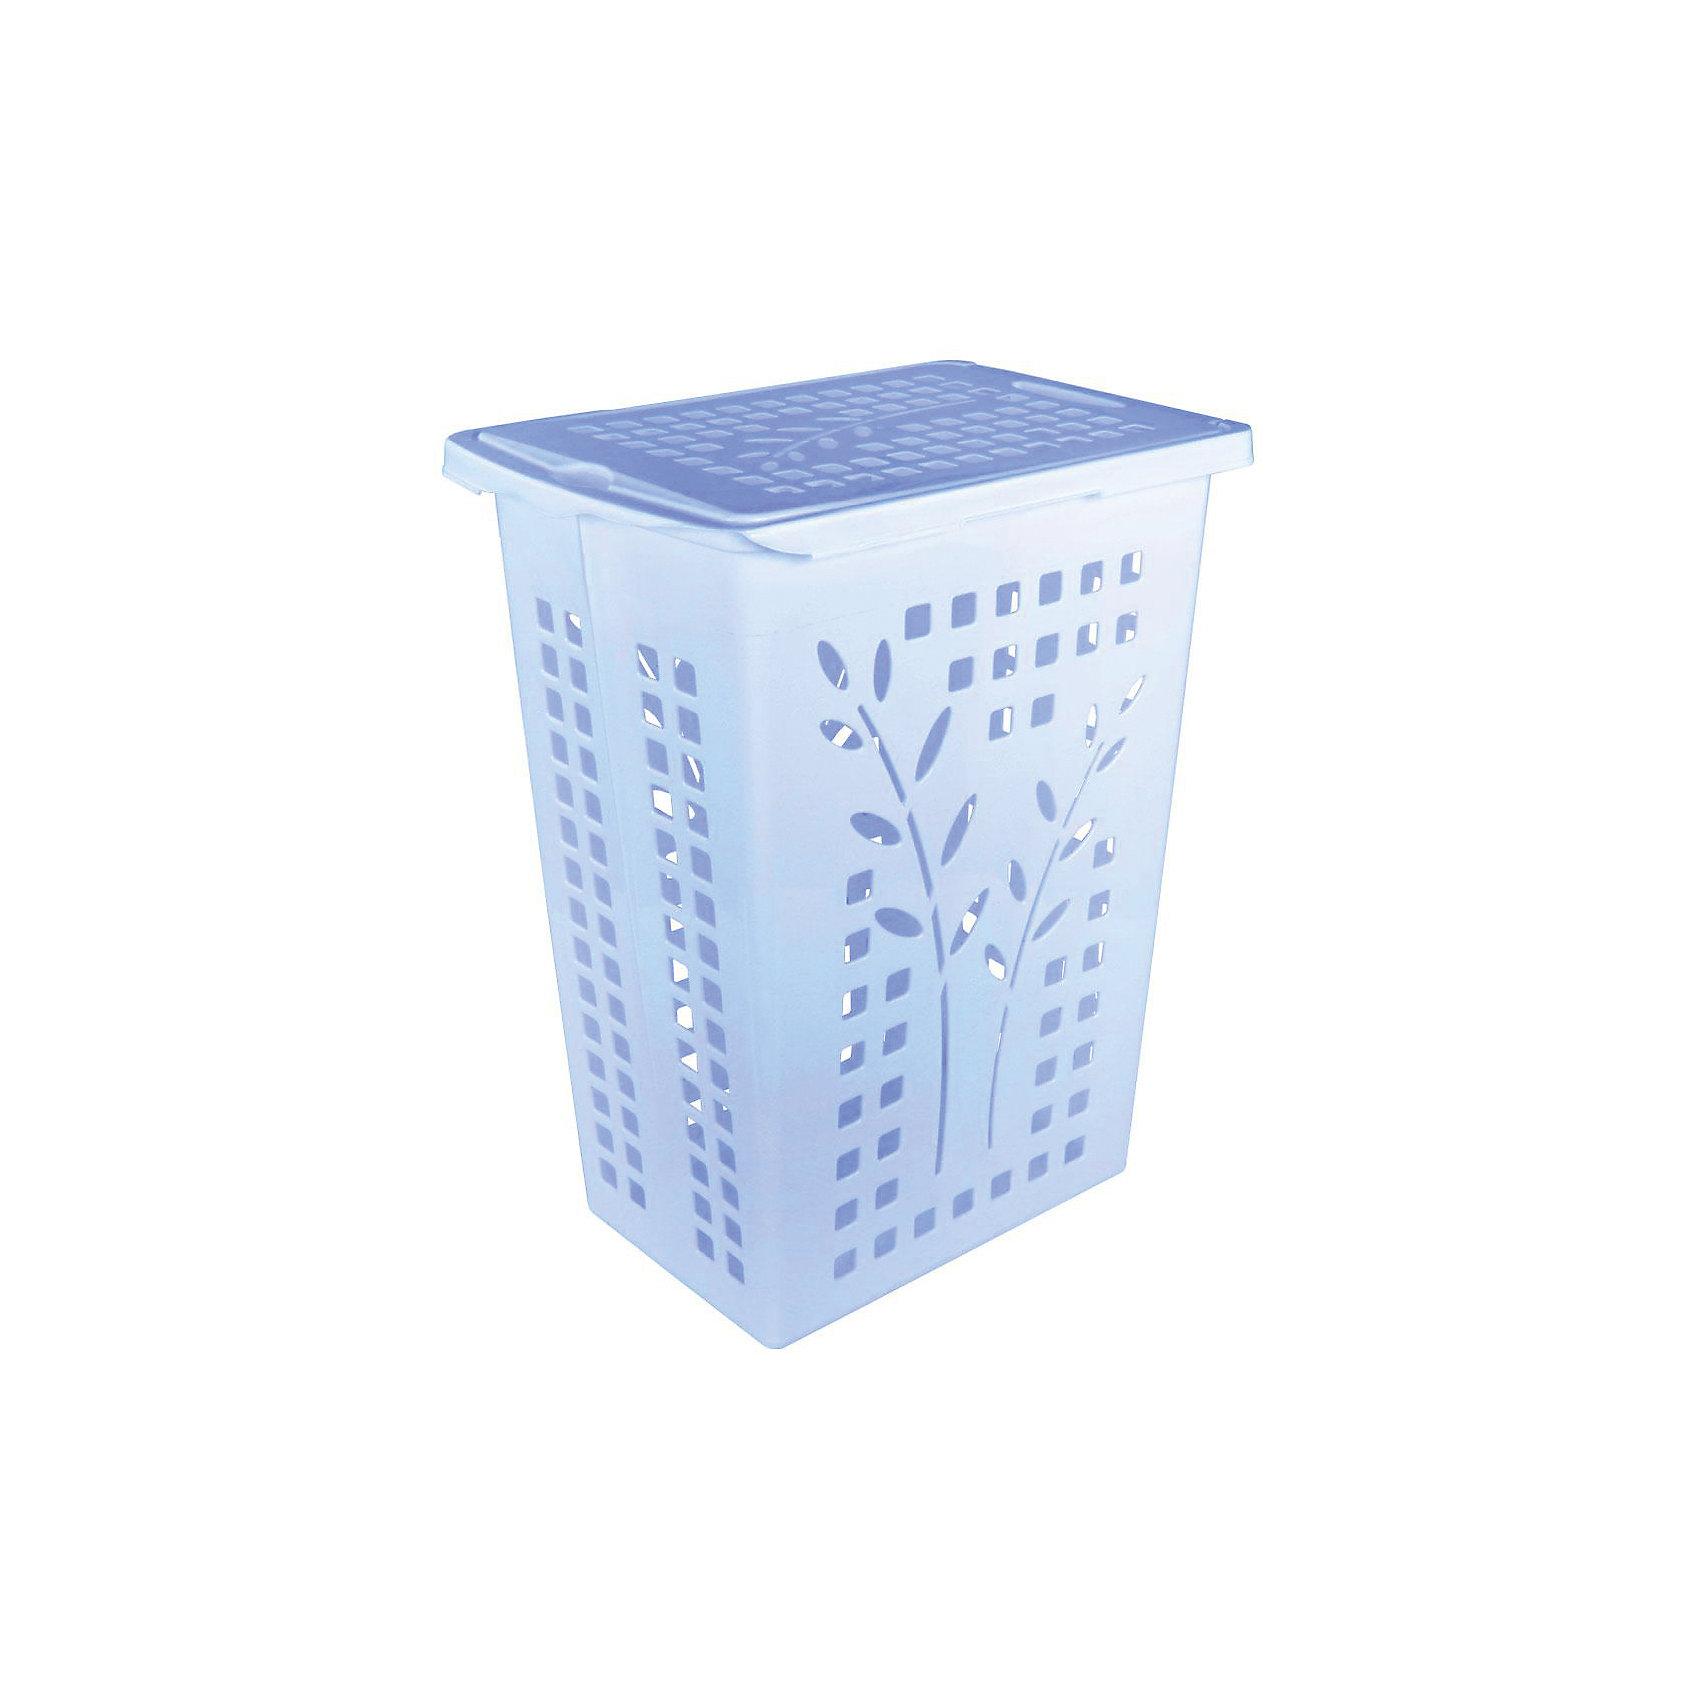 Корзина для белья 30л., Alternativa, голубойВанная комната<br>Характеристики:<br><br>• Предназначение: для белья<br>• Материал: пластик<br>• Цвет: голубой<br>• Размер (Д*Ш*В): 37,5*25*48 см<br>• Форма: прямоугольный<br>• Объем: 30 л<br>• Наличие крышки<br>• Особенности ухода: разрешается мыть теплой водой<br><br>Корзина для белья 30 л., Alternativa, голубой изготовлена отечественным производителем ООО ЗПИ Альтернатива, который специализируется на выпуске широкого спектра изделий из пластика. Корзина выполнена из экологически безопасного пластика, устойчивого к механическим повреждениям, корпус оформлен рисунком из отверстий в форме квадратов и ветками с листочками, которые обеспечивают циркуляцию воздуха, в комплекте предусмотрена крышка. Изделие имеет удобную форму, достаточно легкое в уходе. Корзину для белья 30 л., Alternativa, голубую можно использовать не только для белья, но и для хранения игрушек.<br><br>Корзину для белья 30 л., Alternativa, голубую можно купить в нашем интернет-магазине.<br><br>Ширина мм: 375<br>Глубина мм: 250<br>Высота мм: 480<br>Вес г: 796<br>Возраст от месяцев: -2147483648<br>Возраст до месяцев: 2147483647<br>Пол: Унисекс<br>Возраст: Детский<br>SKU: 5096617